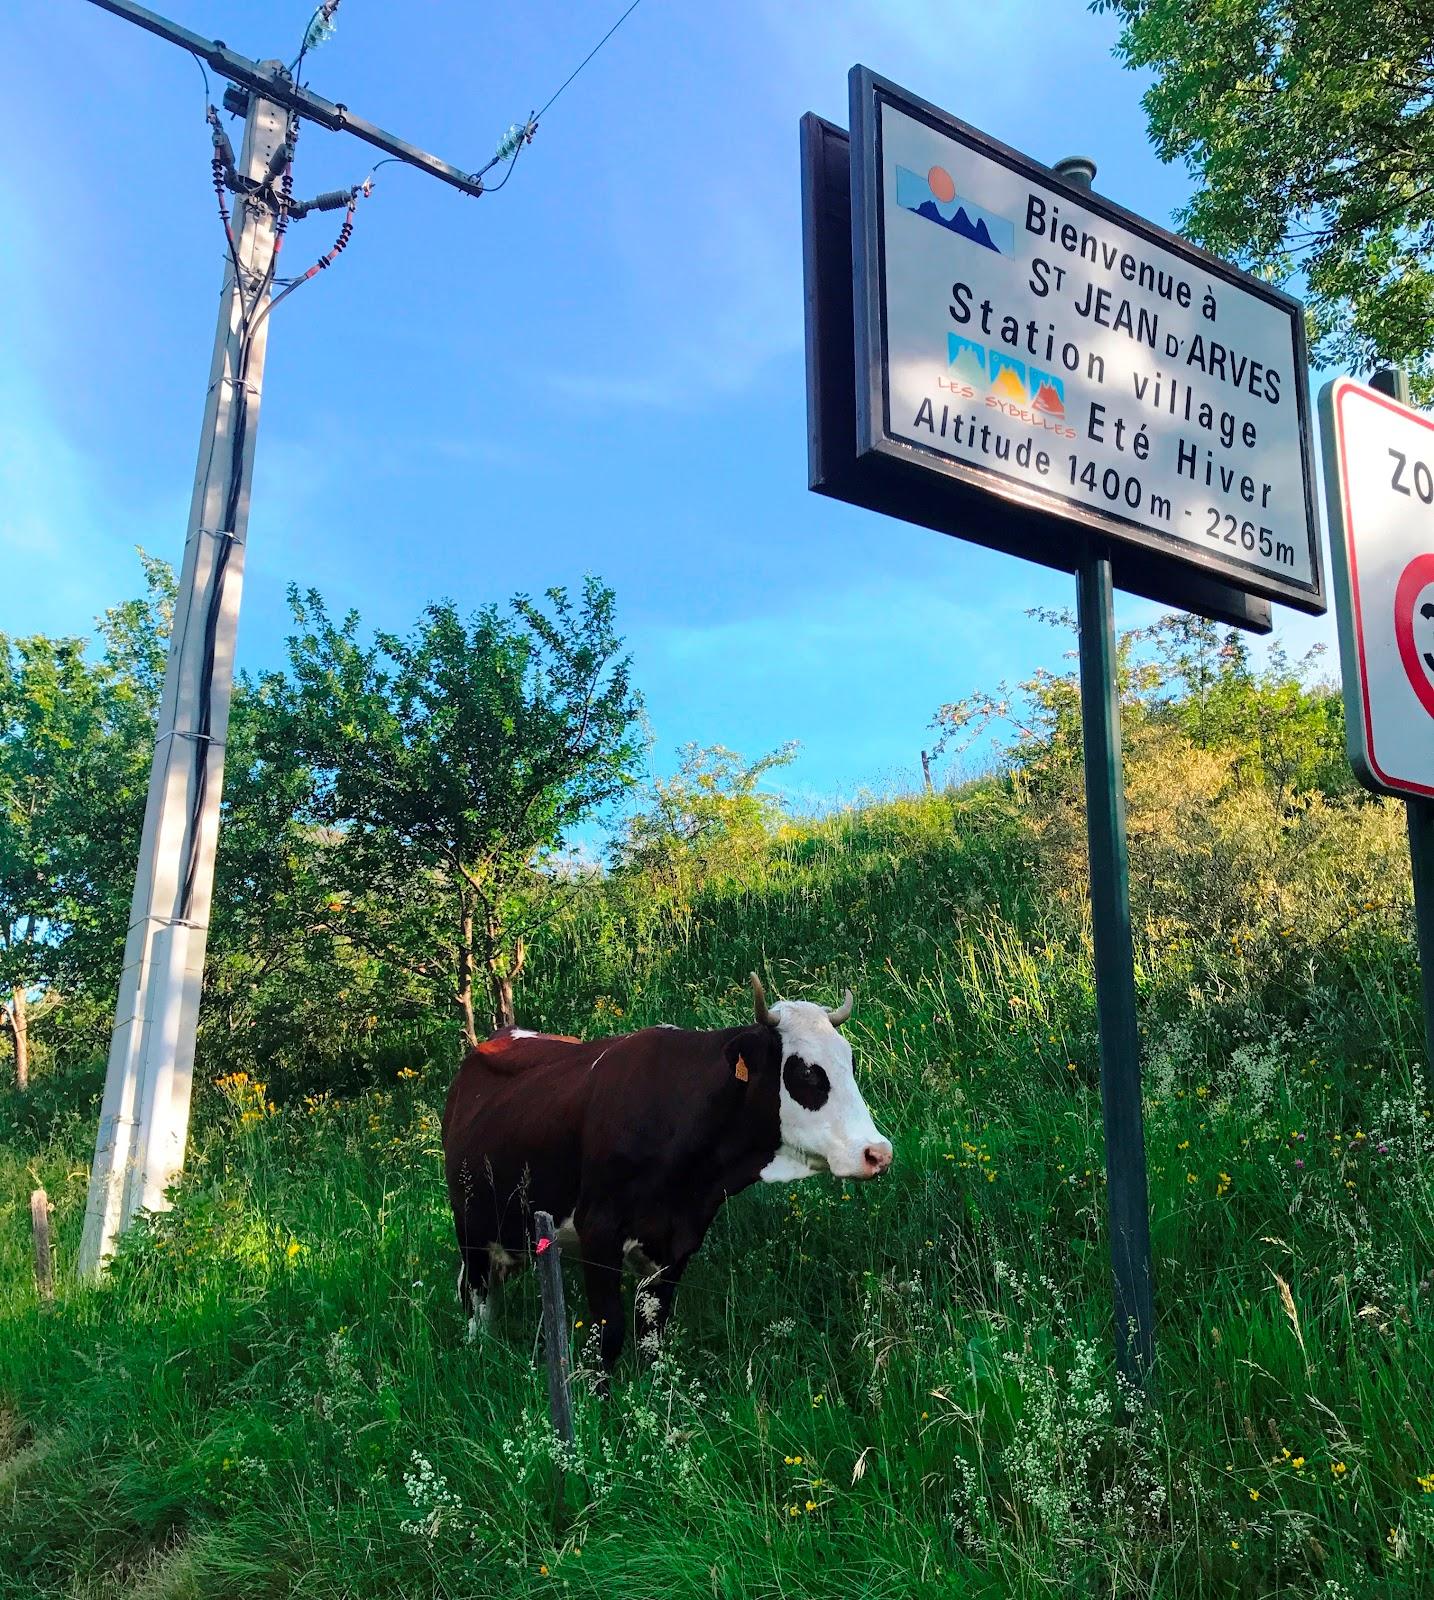 Climbing by bike Col de la Croix de Fer, Saint-Jean-de-Maurienne, sign for St Jean d'Arves and cow